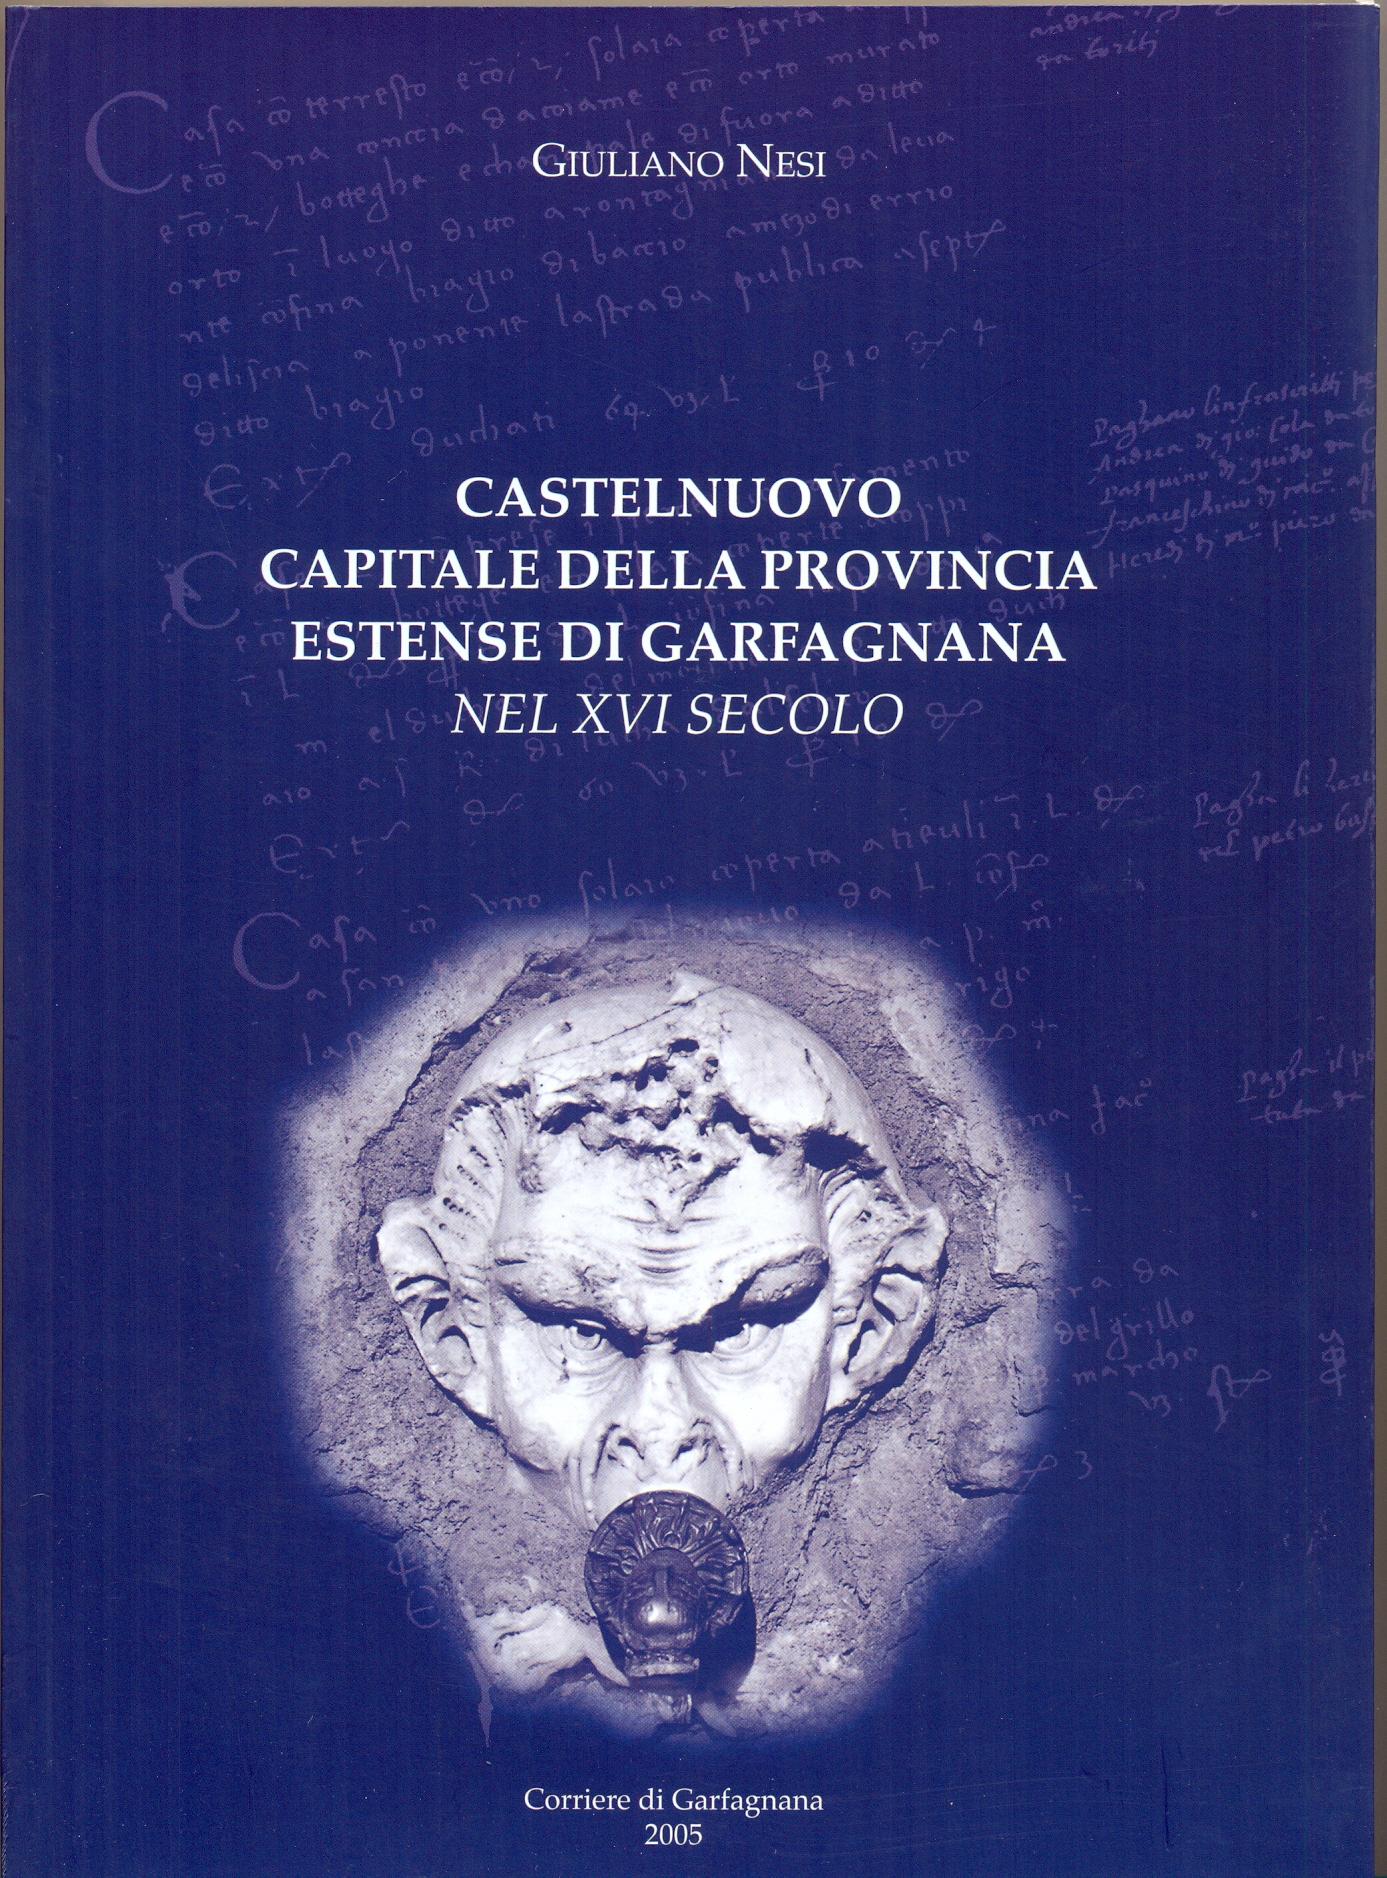 Castelnuovo capitale della provincia estense di garfagnana